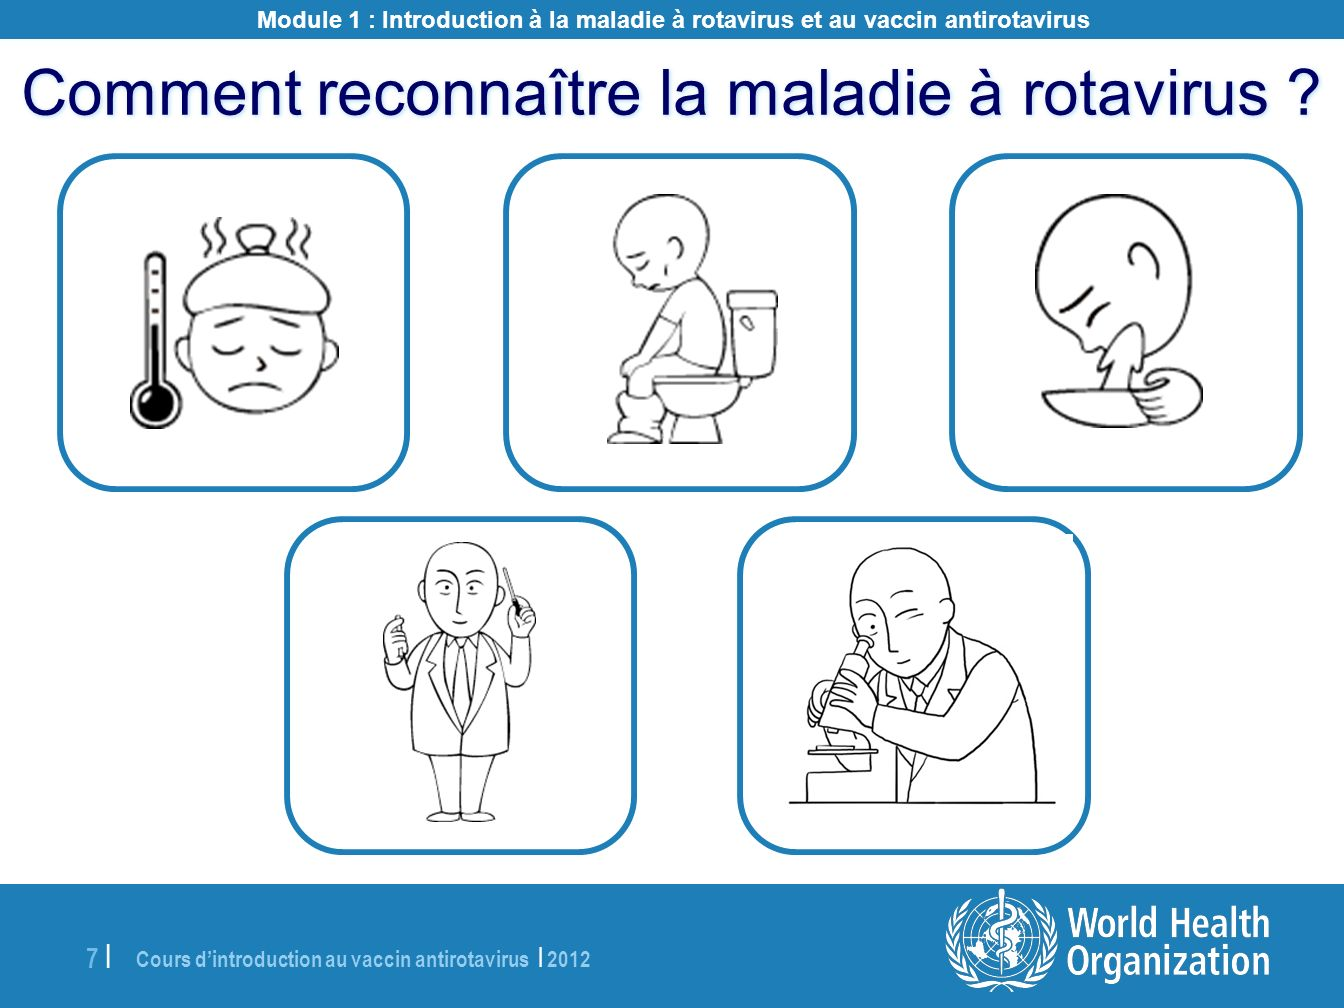 Cours dintroduction au vaccin antirotavirus | 2012 8 |8 | À lattention de lanimateur : Demandez aux participants de répondre à la question ci-dessus, puis donnez-leur les informations suivantes et indiquez-leur les messages clés.